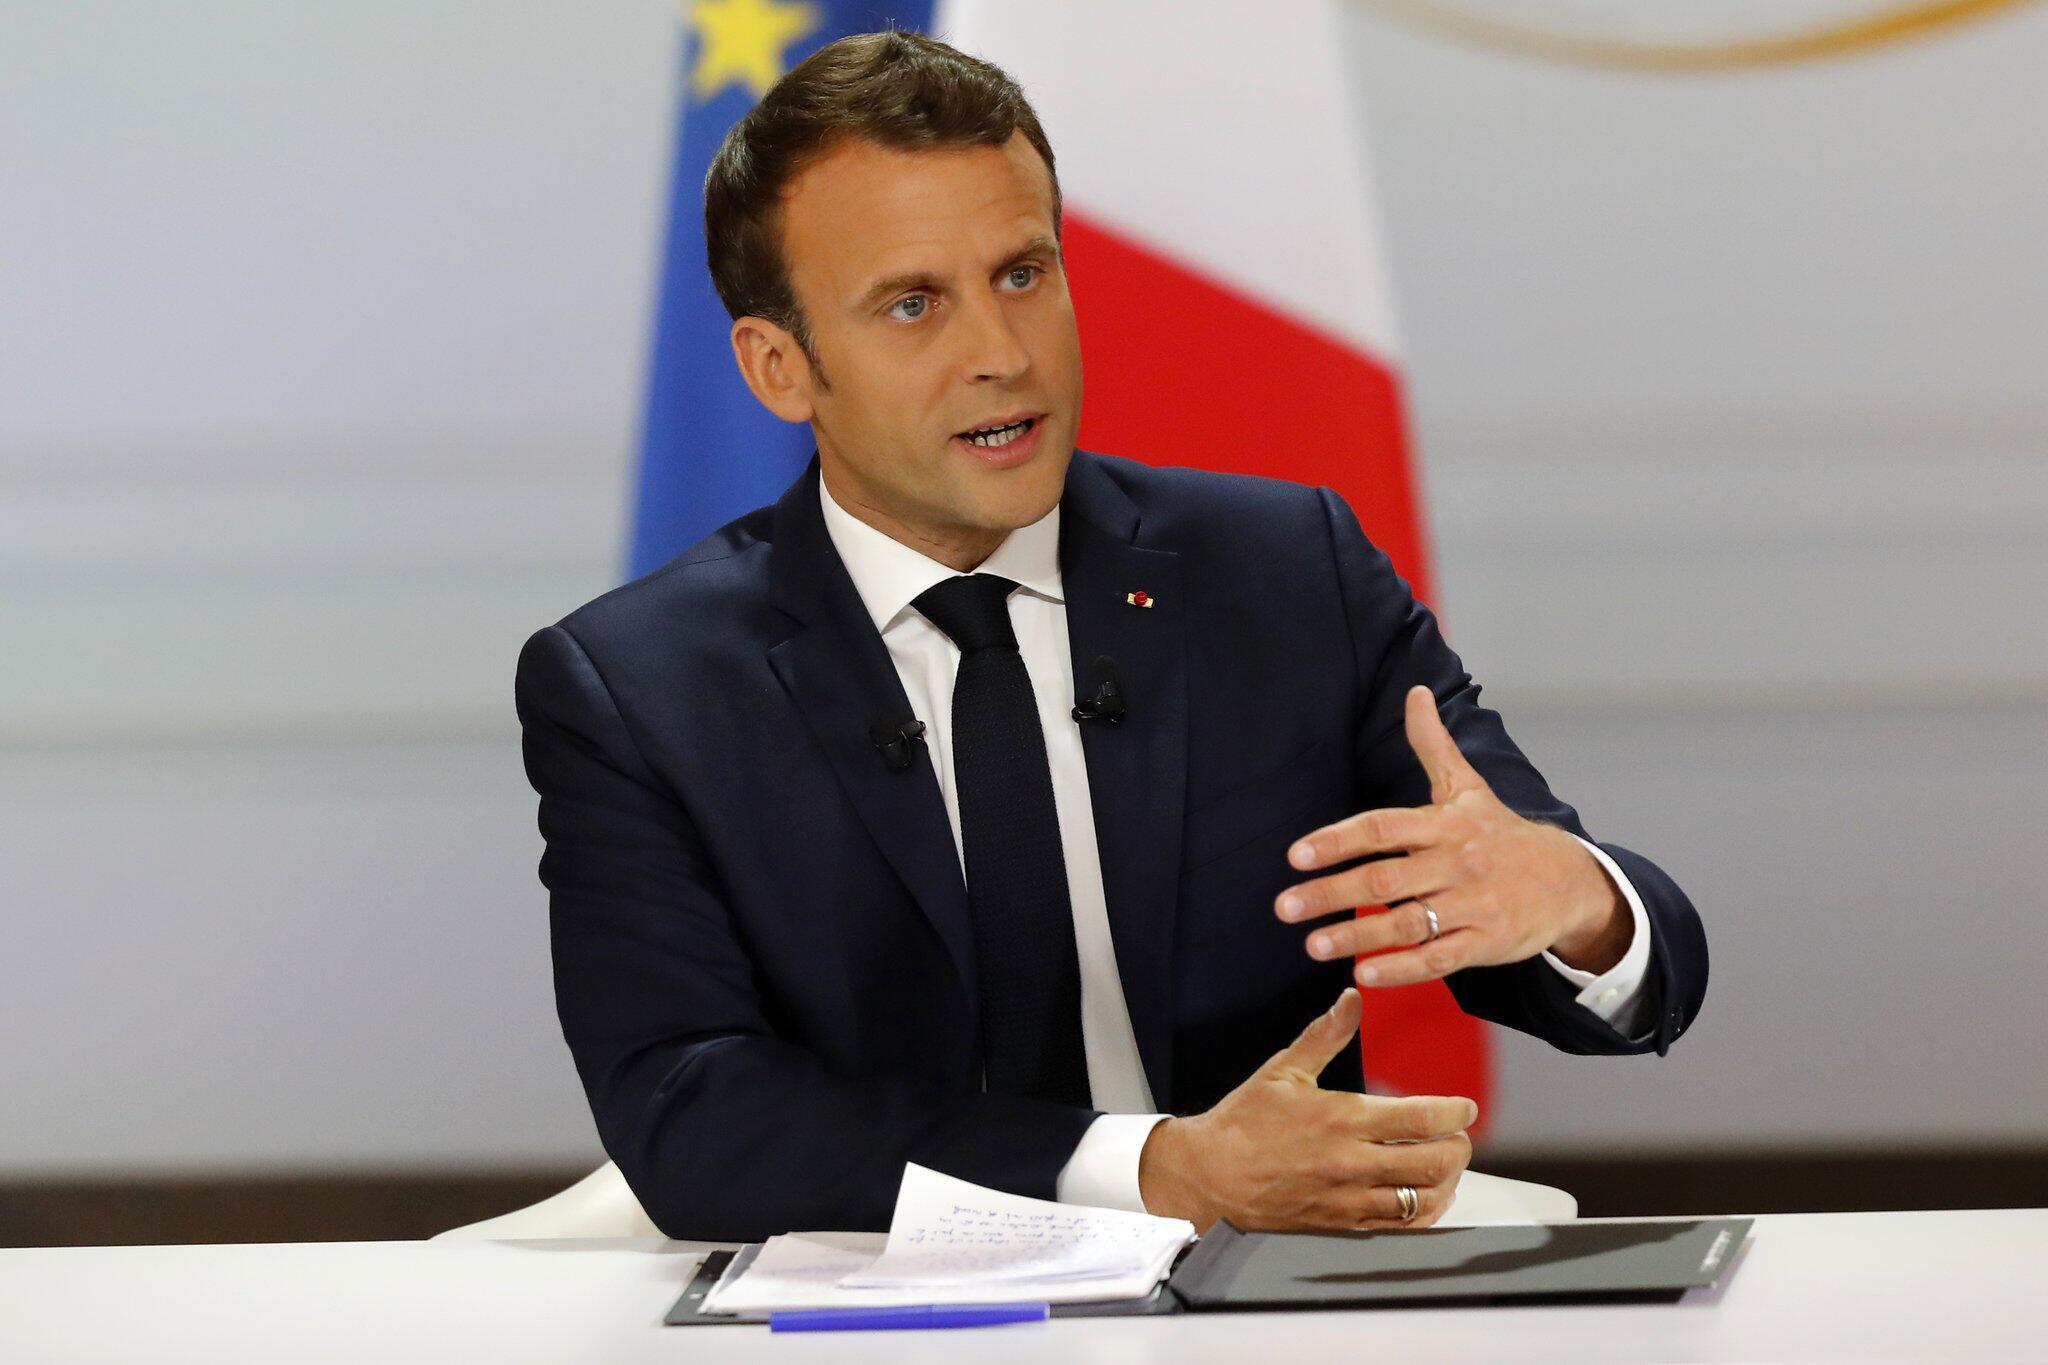 Bild zu Macron zu Reformplänen